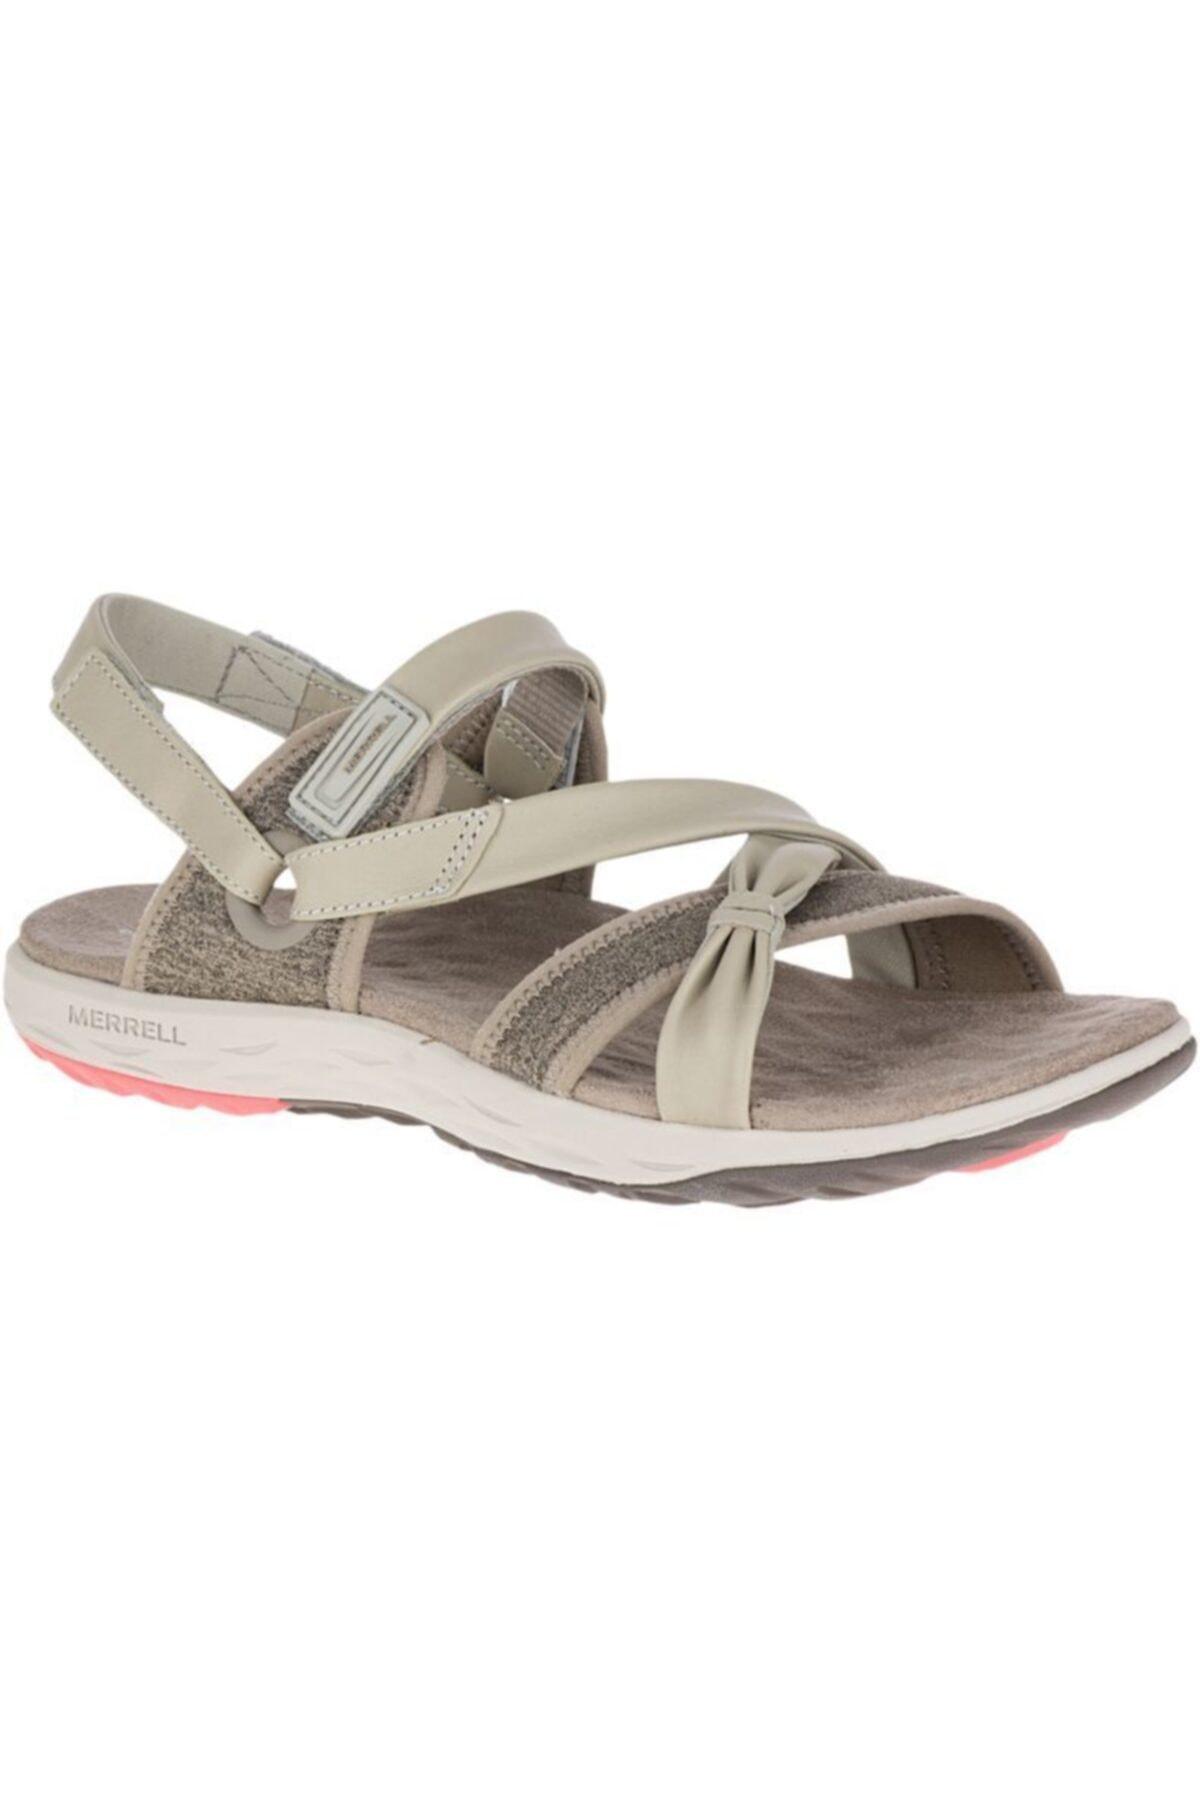 Merrell Vesper Lattice Kadın Sandalet J03670 1